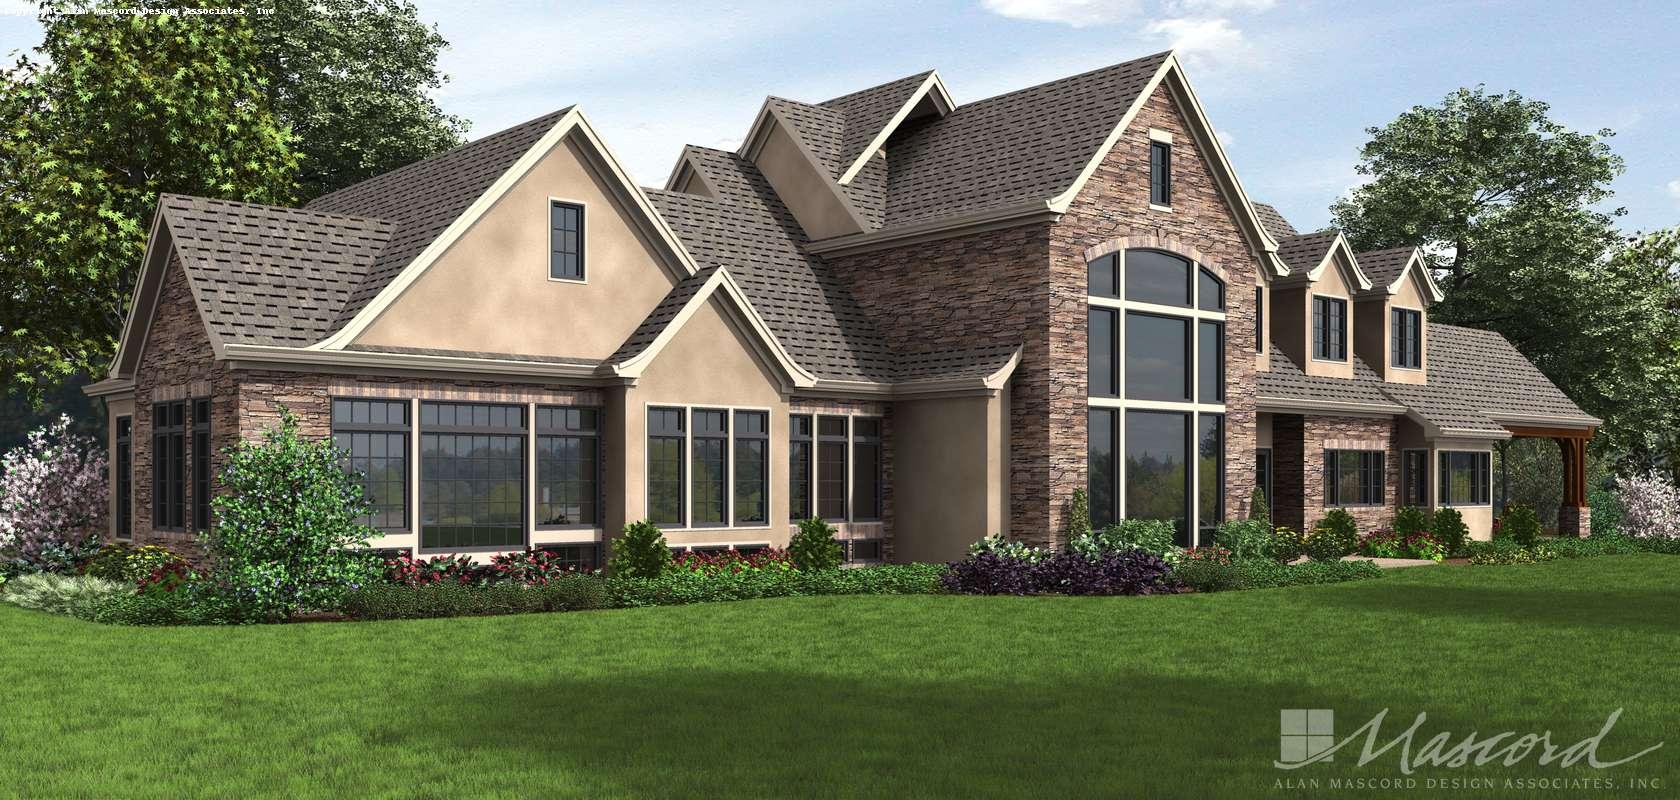 Mascord House Plan 2479: The Belle Reve